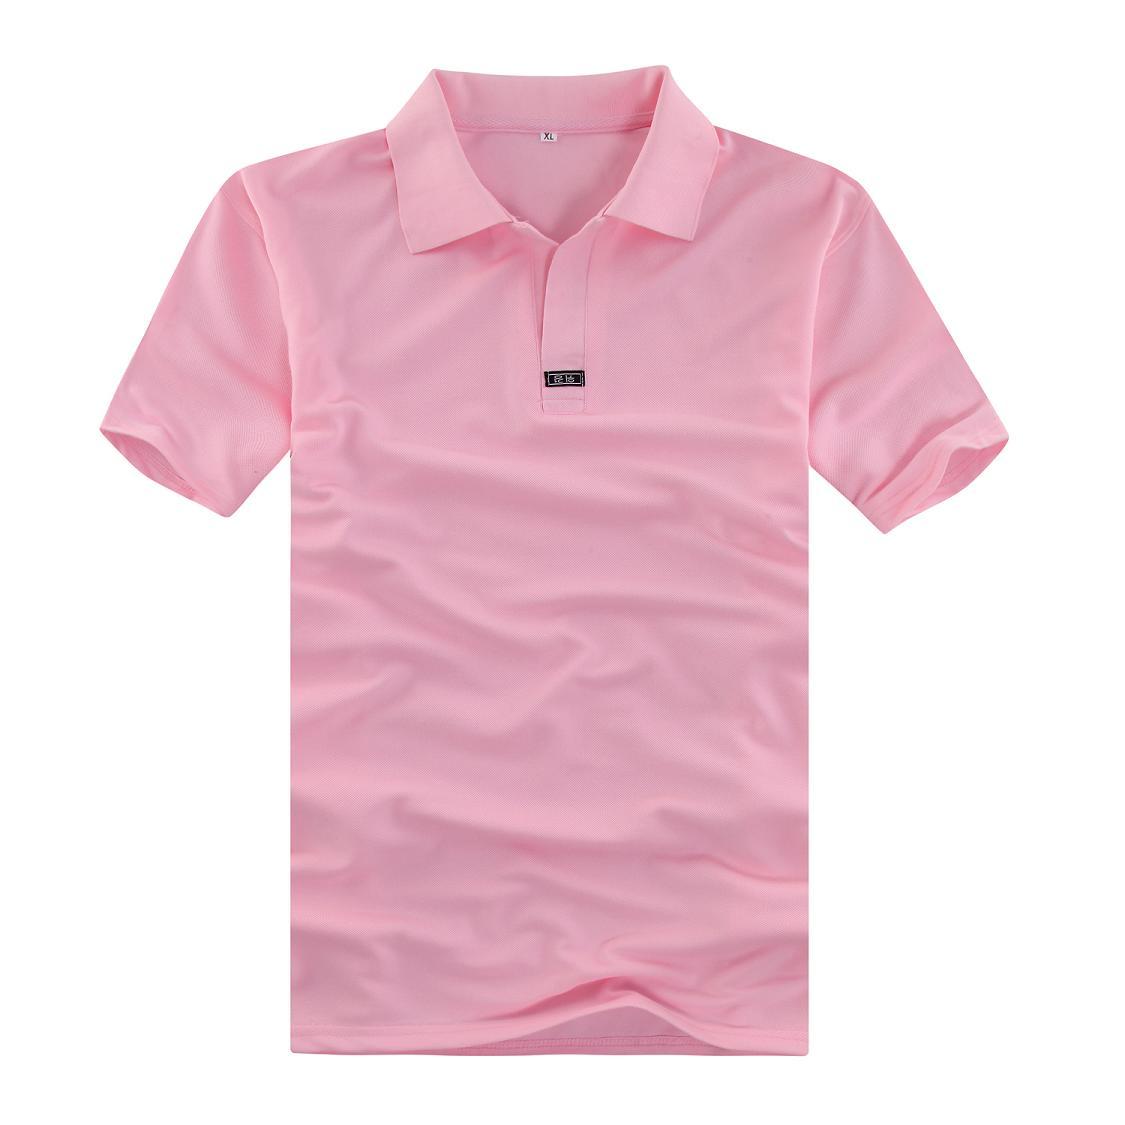 文化衫,展现个性的同时内心世界的表露